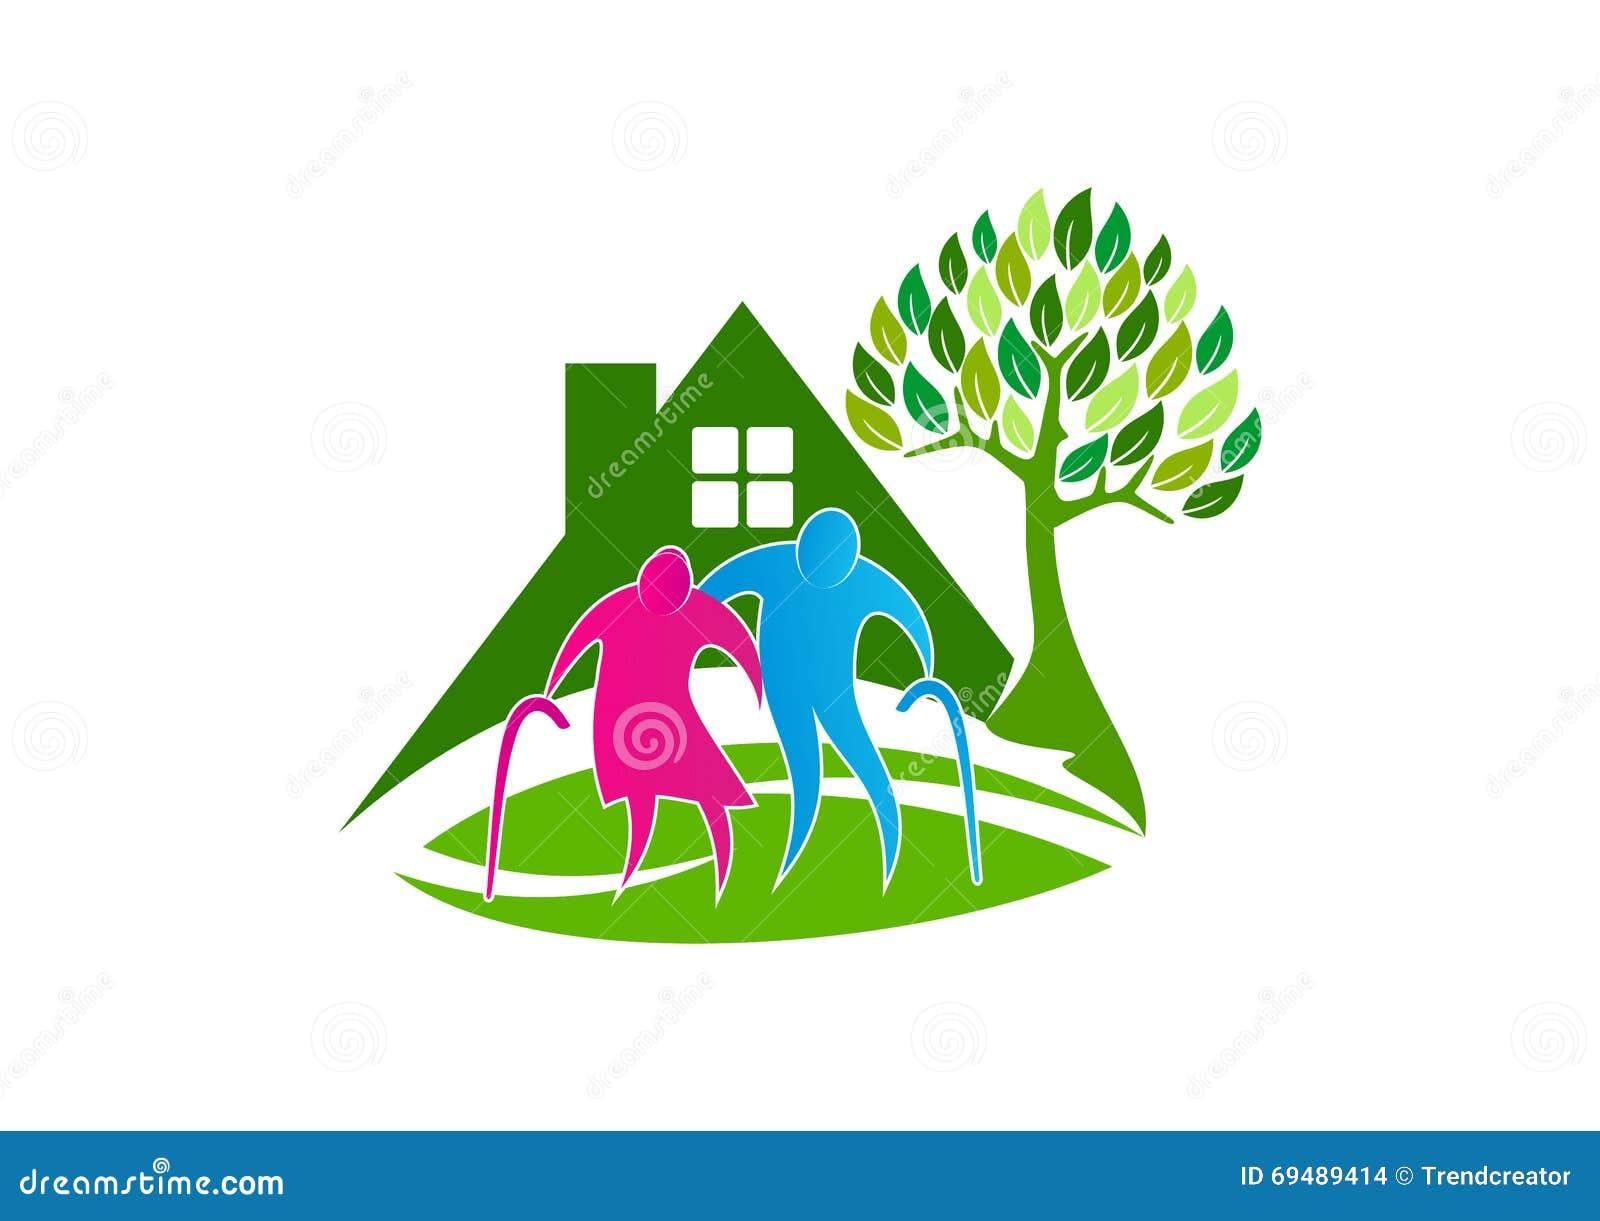 Логотипы для домов престарелых калининградские дома престарелых